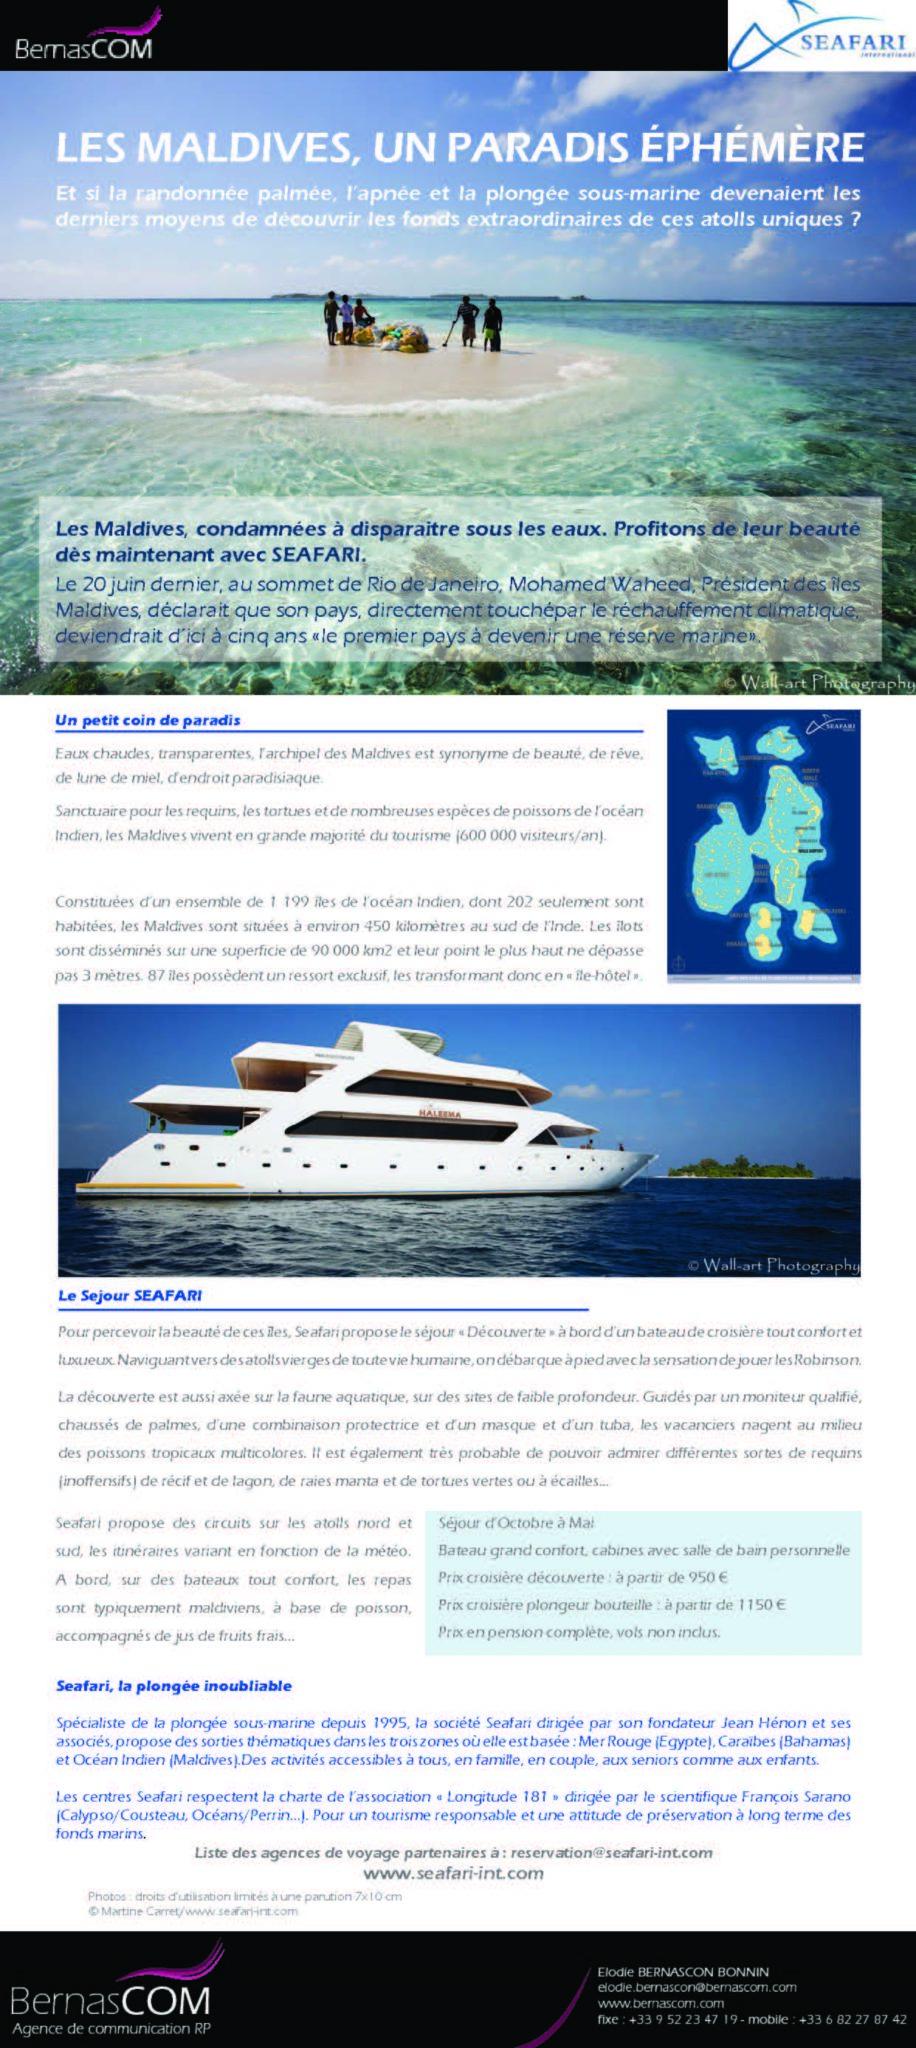 Seafari - croisiere Maldives2